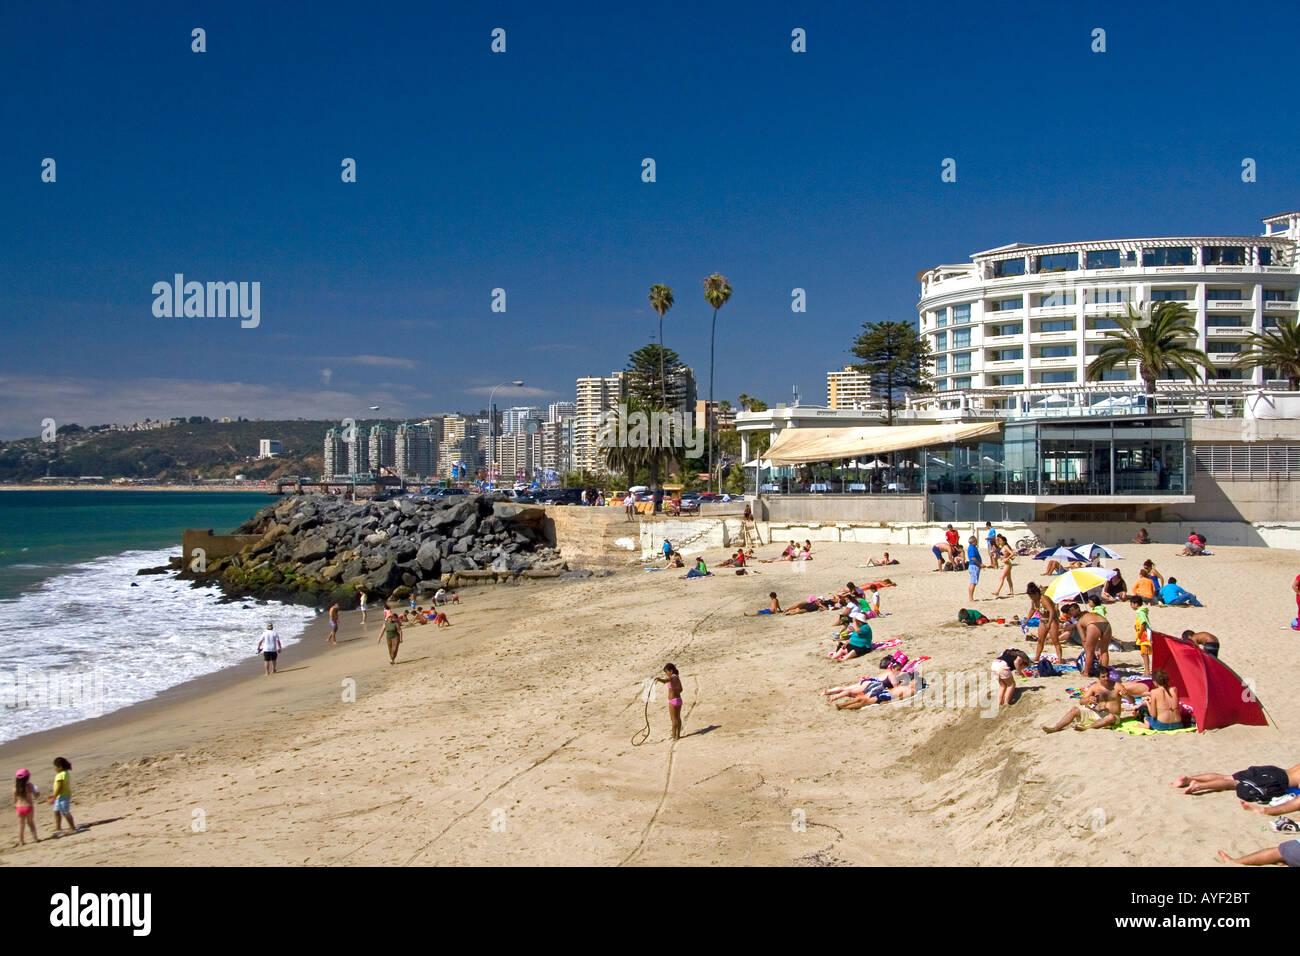 Hotel del Mar and beach scene at Vina del Mar Chile - Stock Image